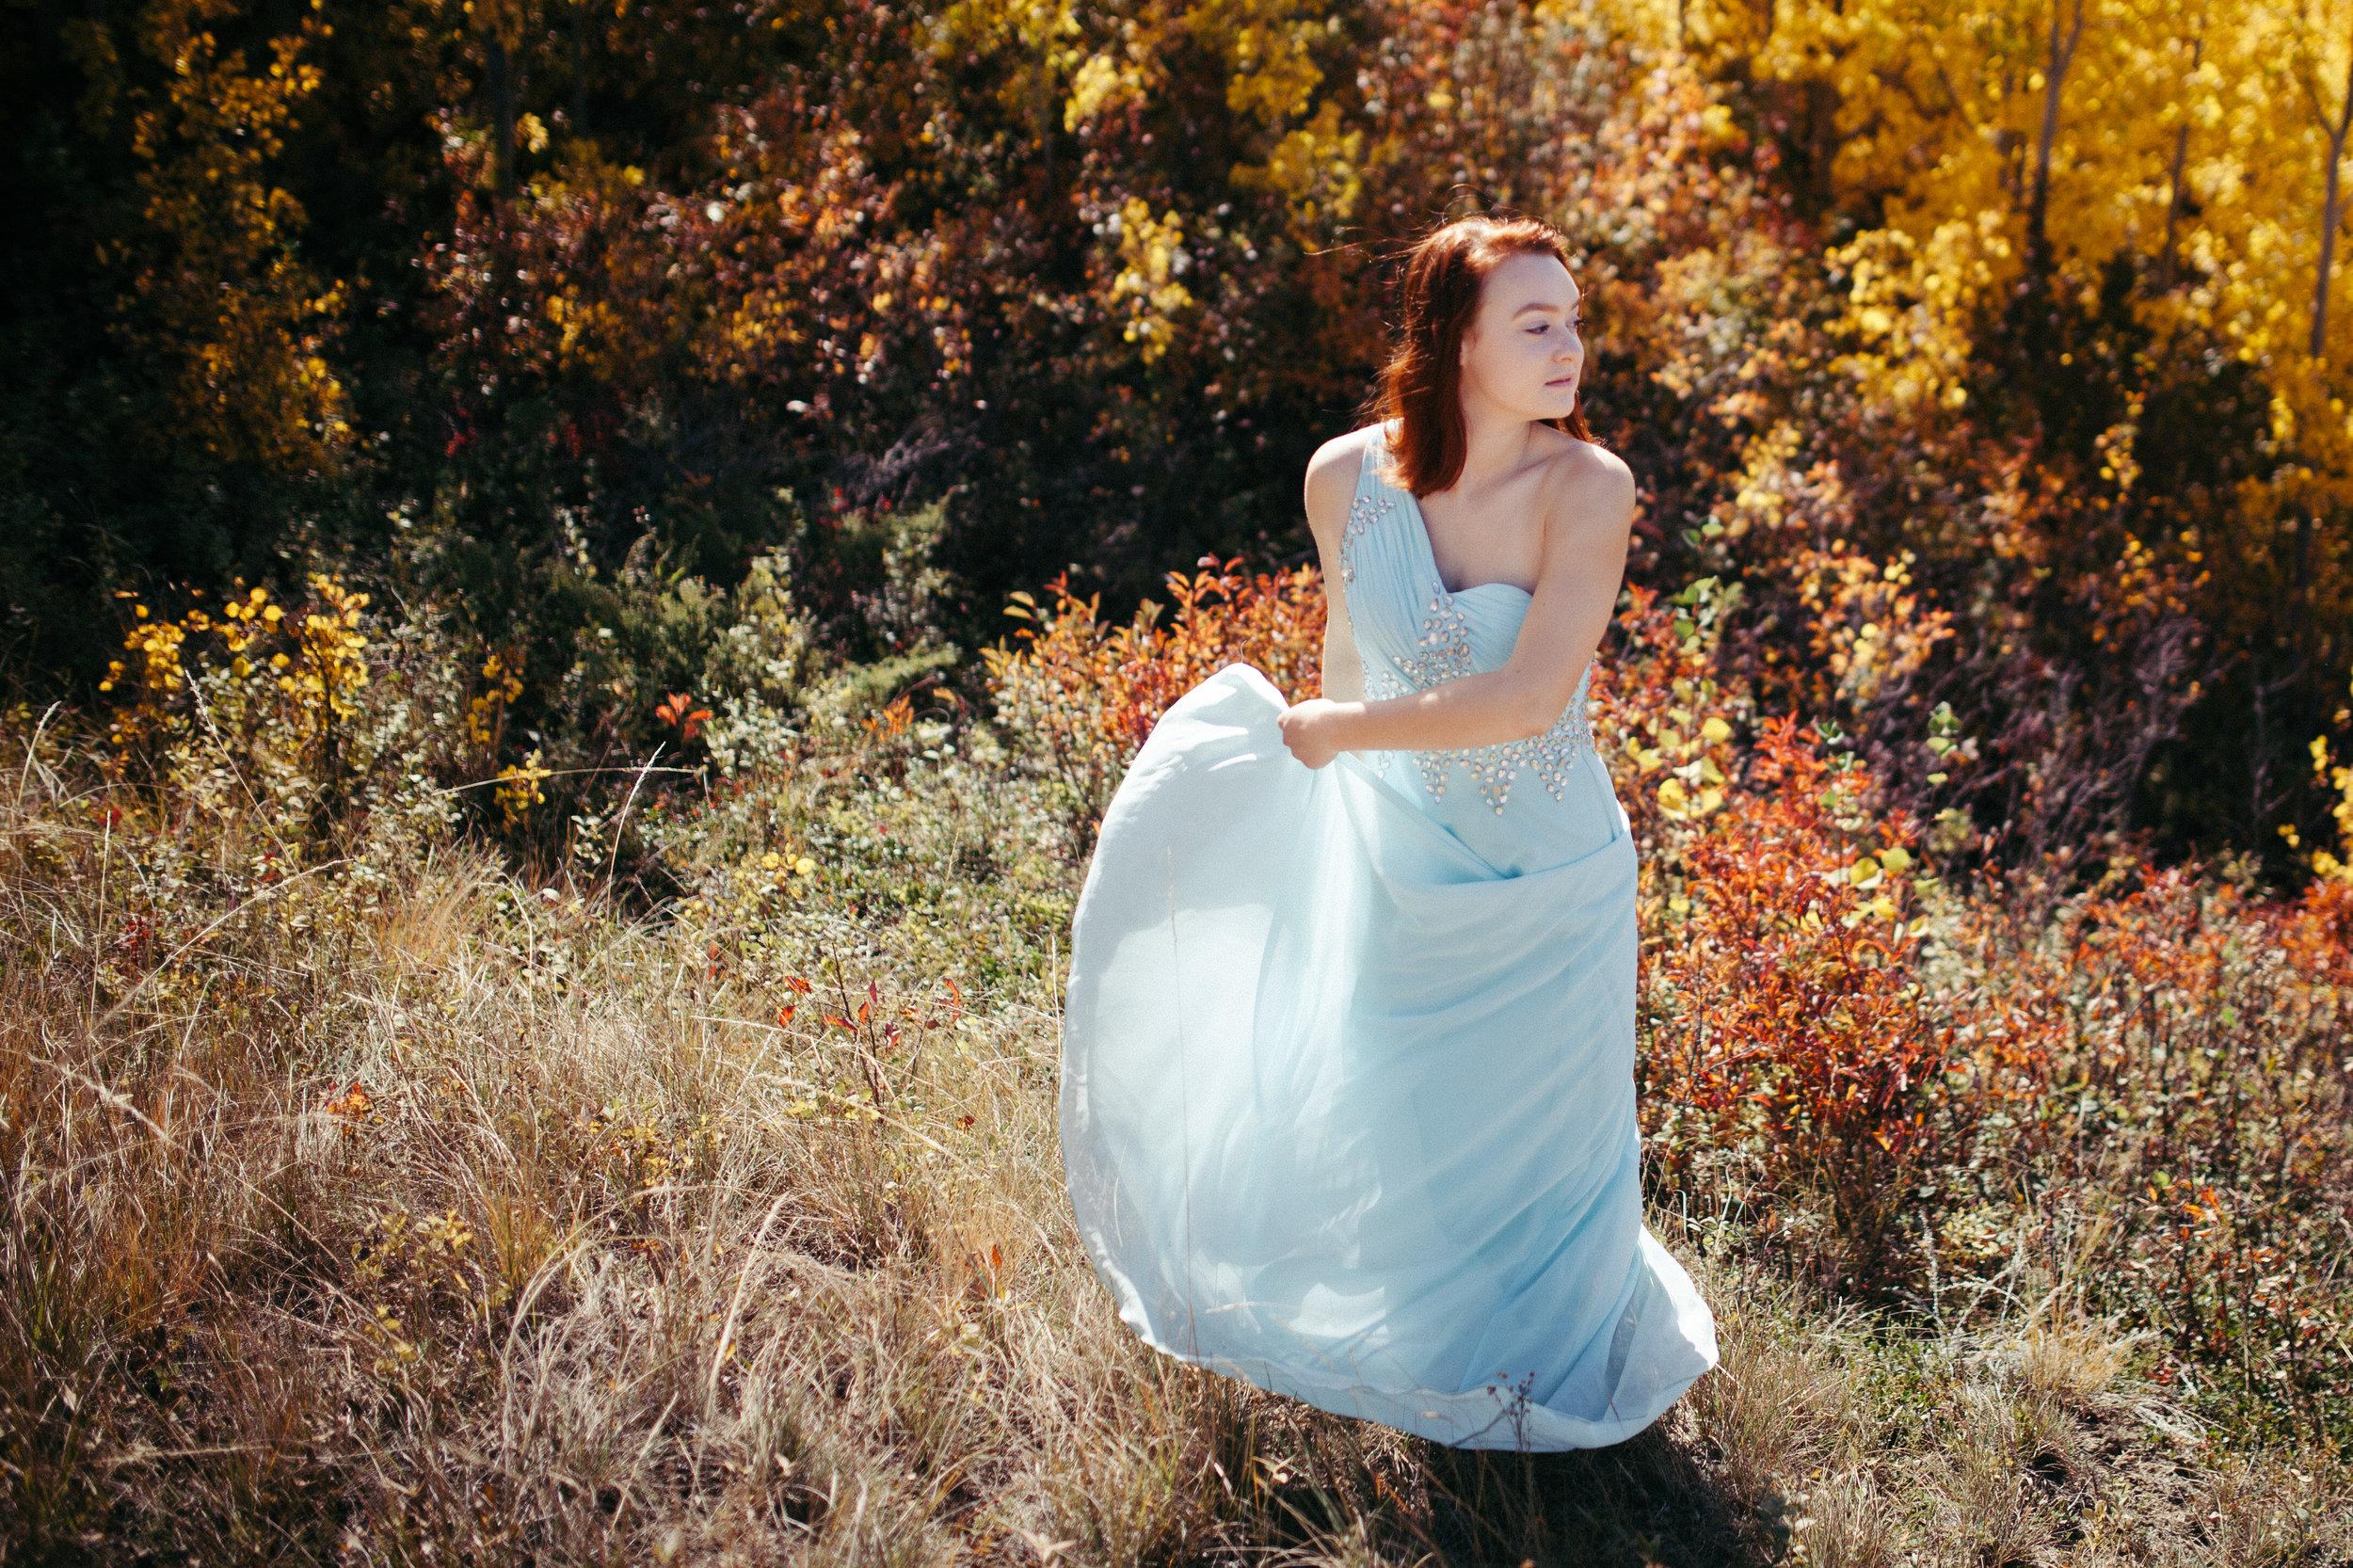 Anne_Portraits_U-33.jpg